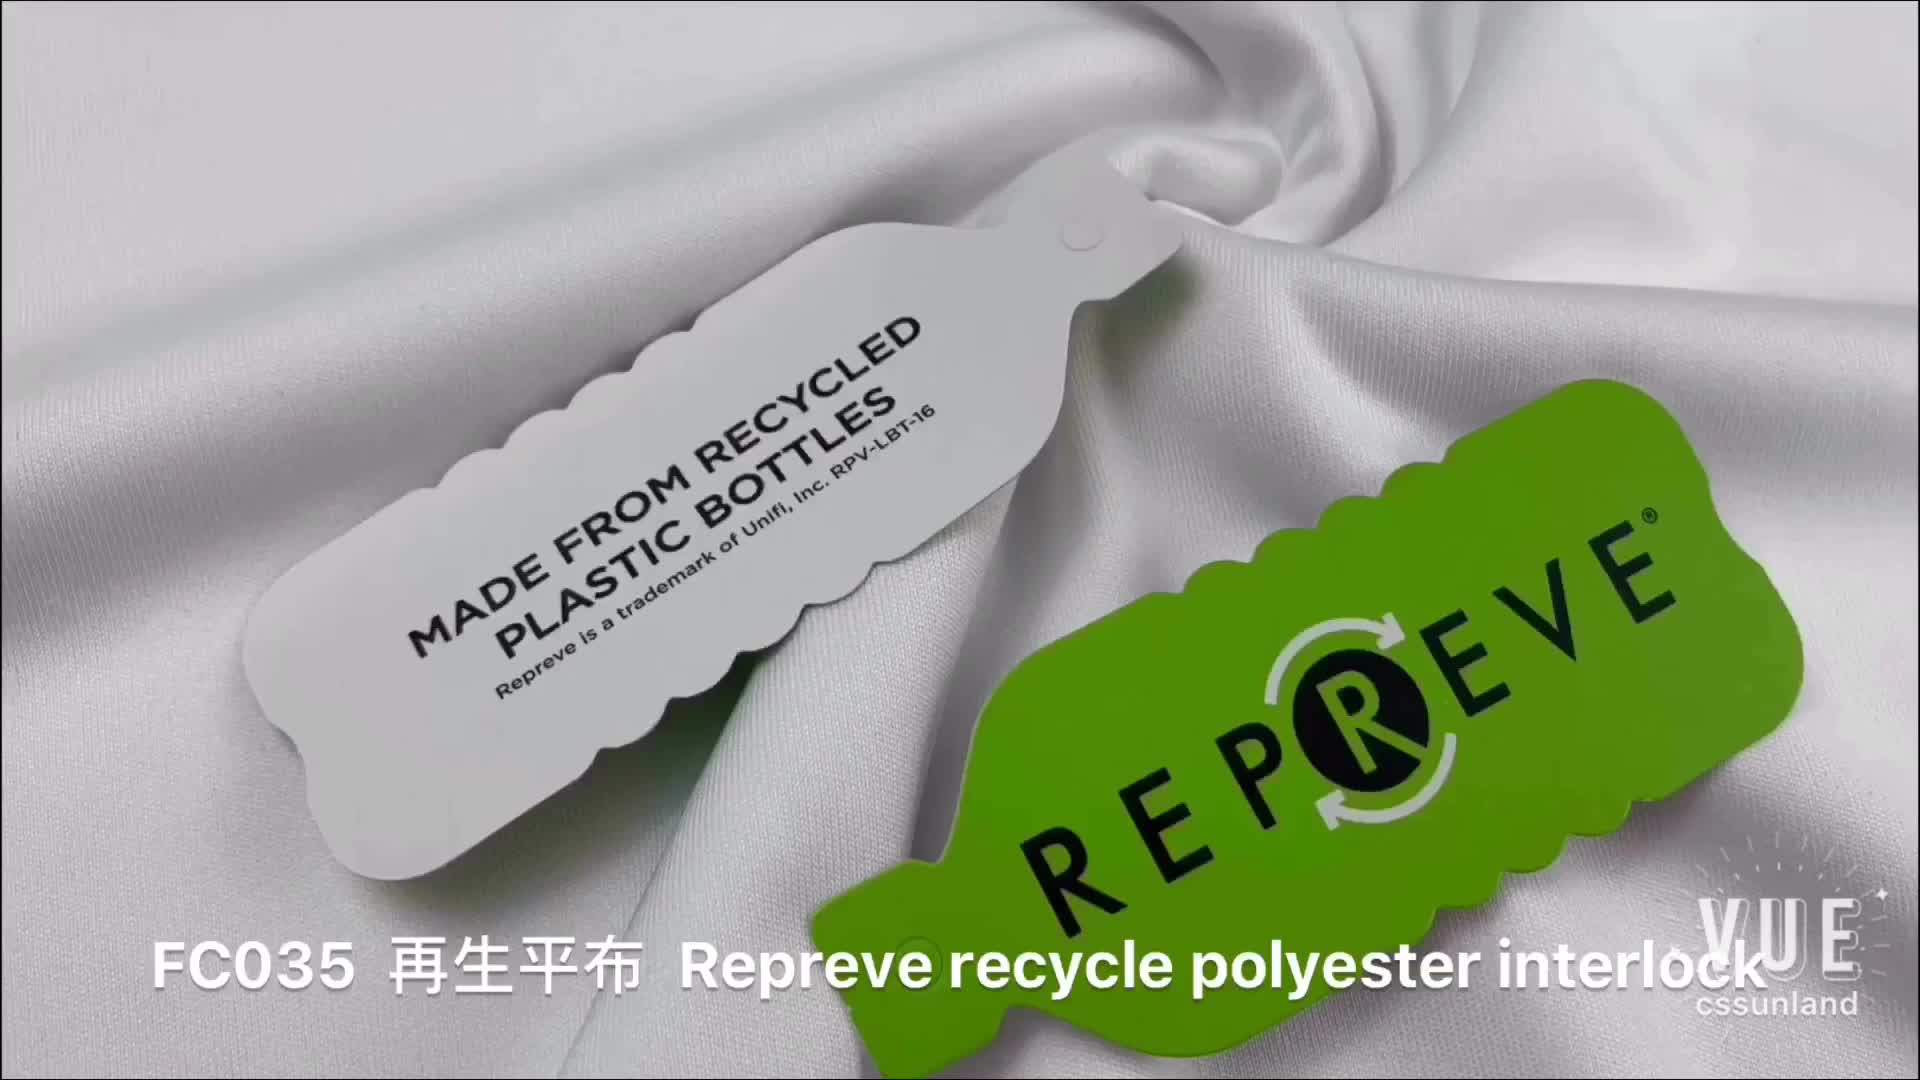 Eco tecido 100% poliéster reciclado Repreve interlock tecido de malha para roupas esportivas